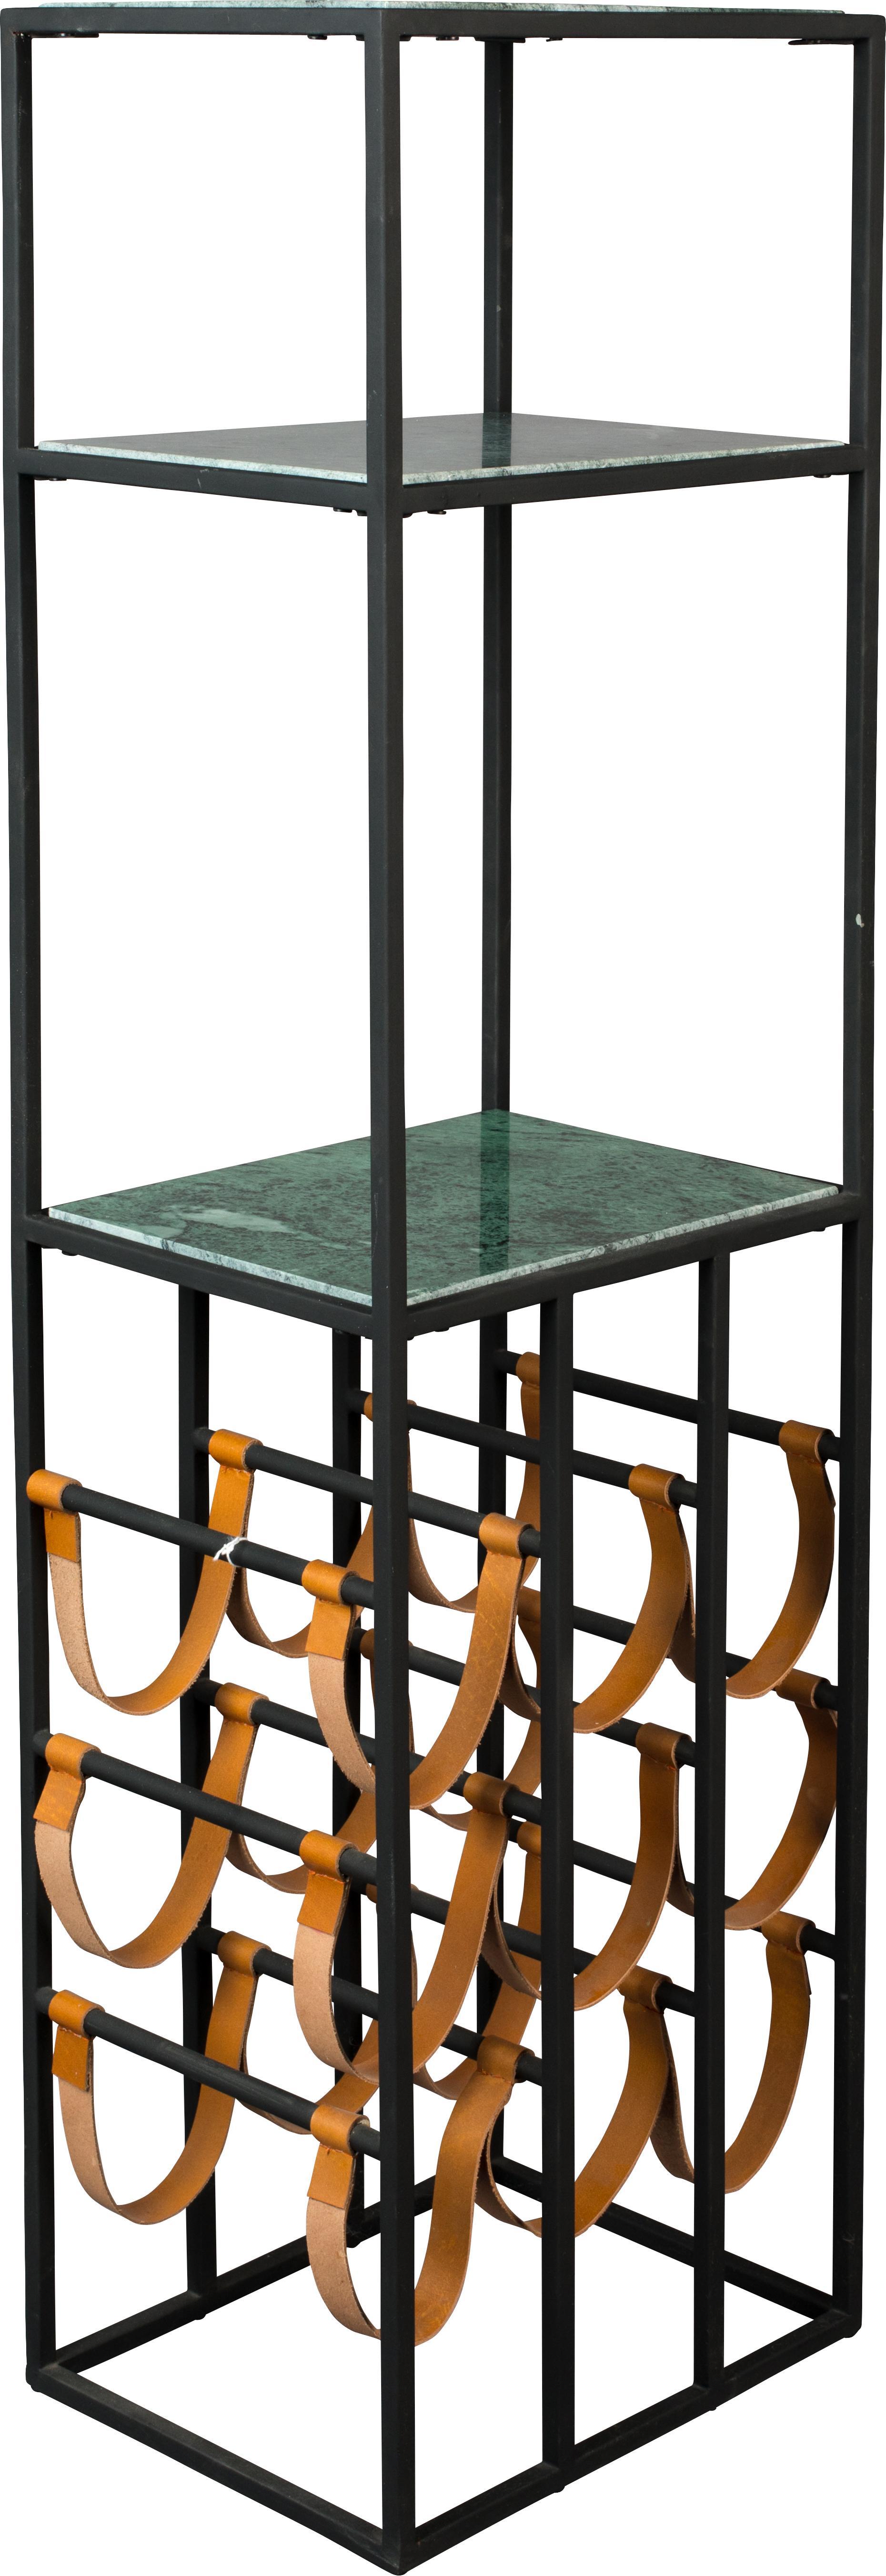 Stojak na wino z marmuru Mil, Stelaż: metal malowany proszkowo, Czarny, zielony, S 36 x W 126 cm